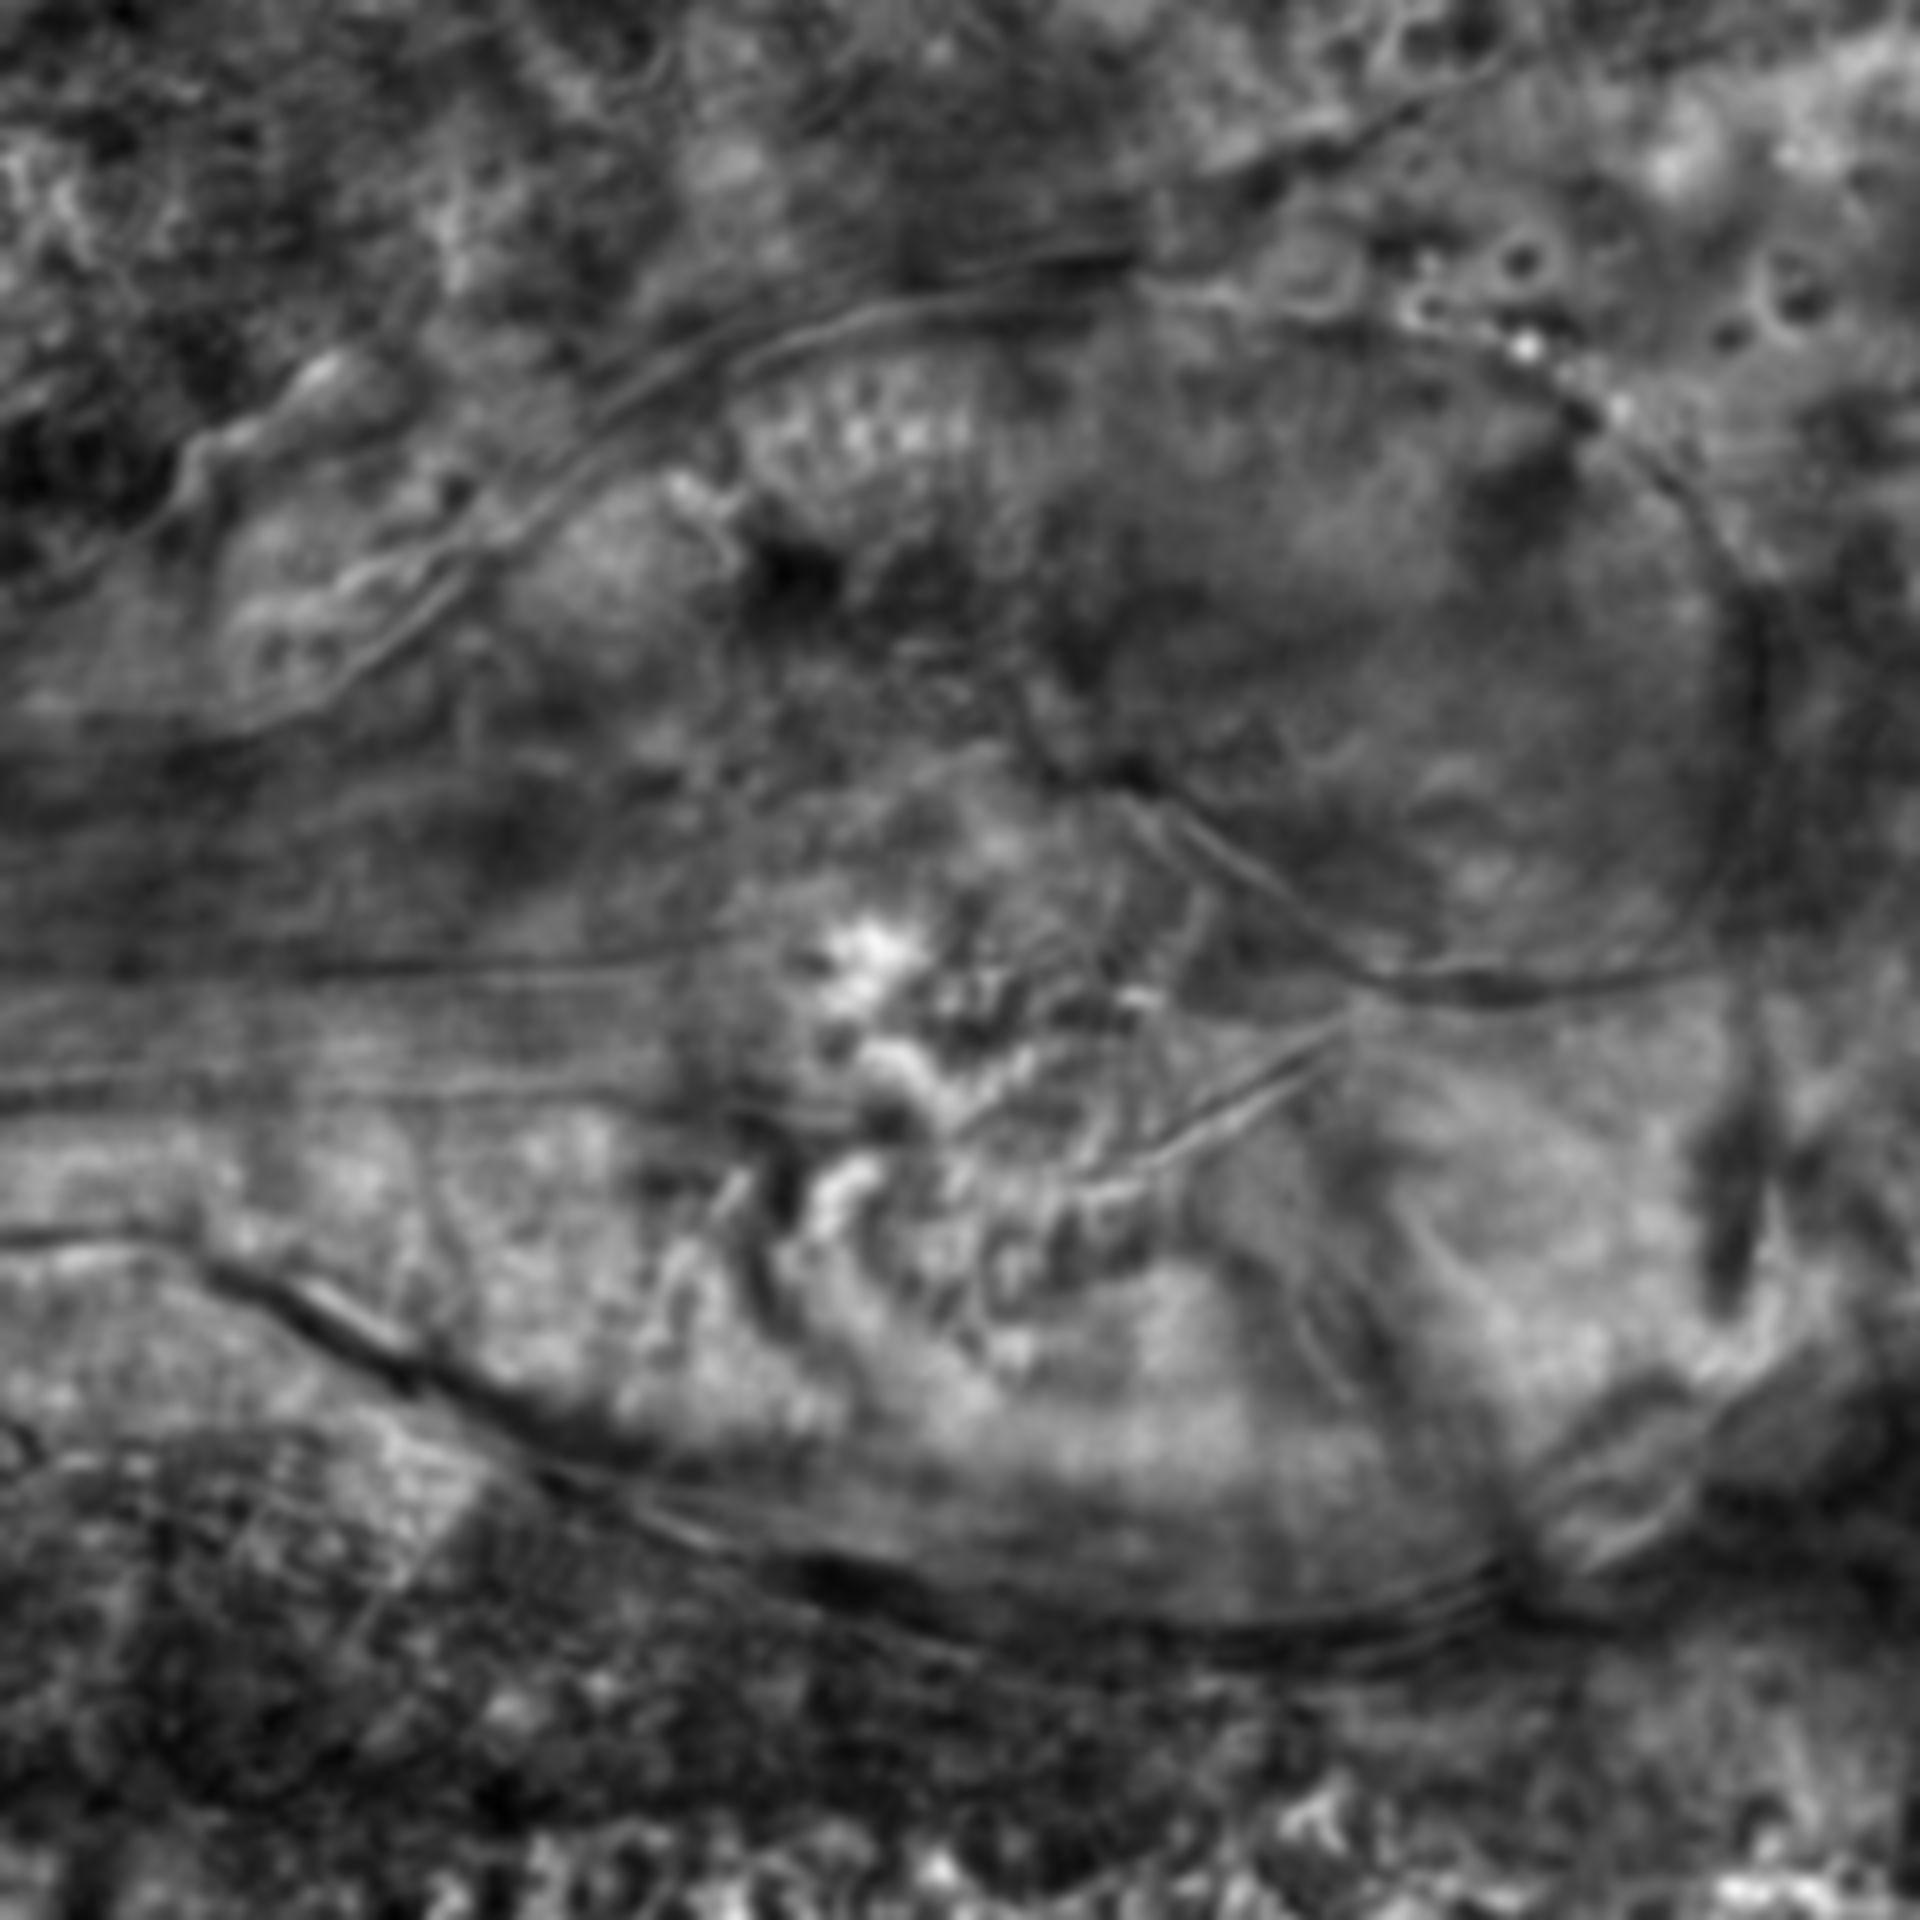 Caenorhabditis elegans - CIL:2733